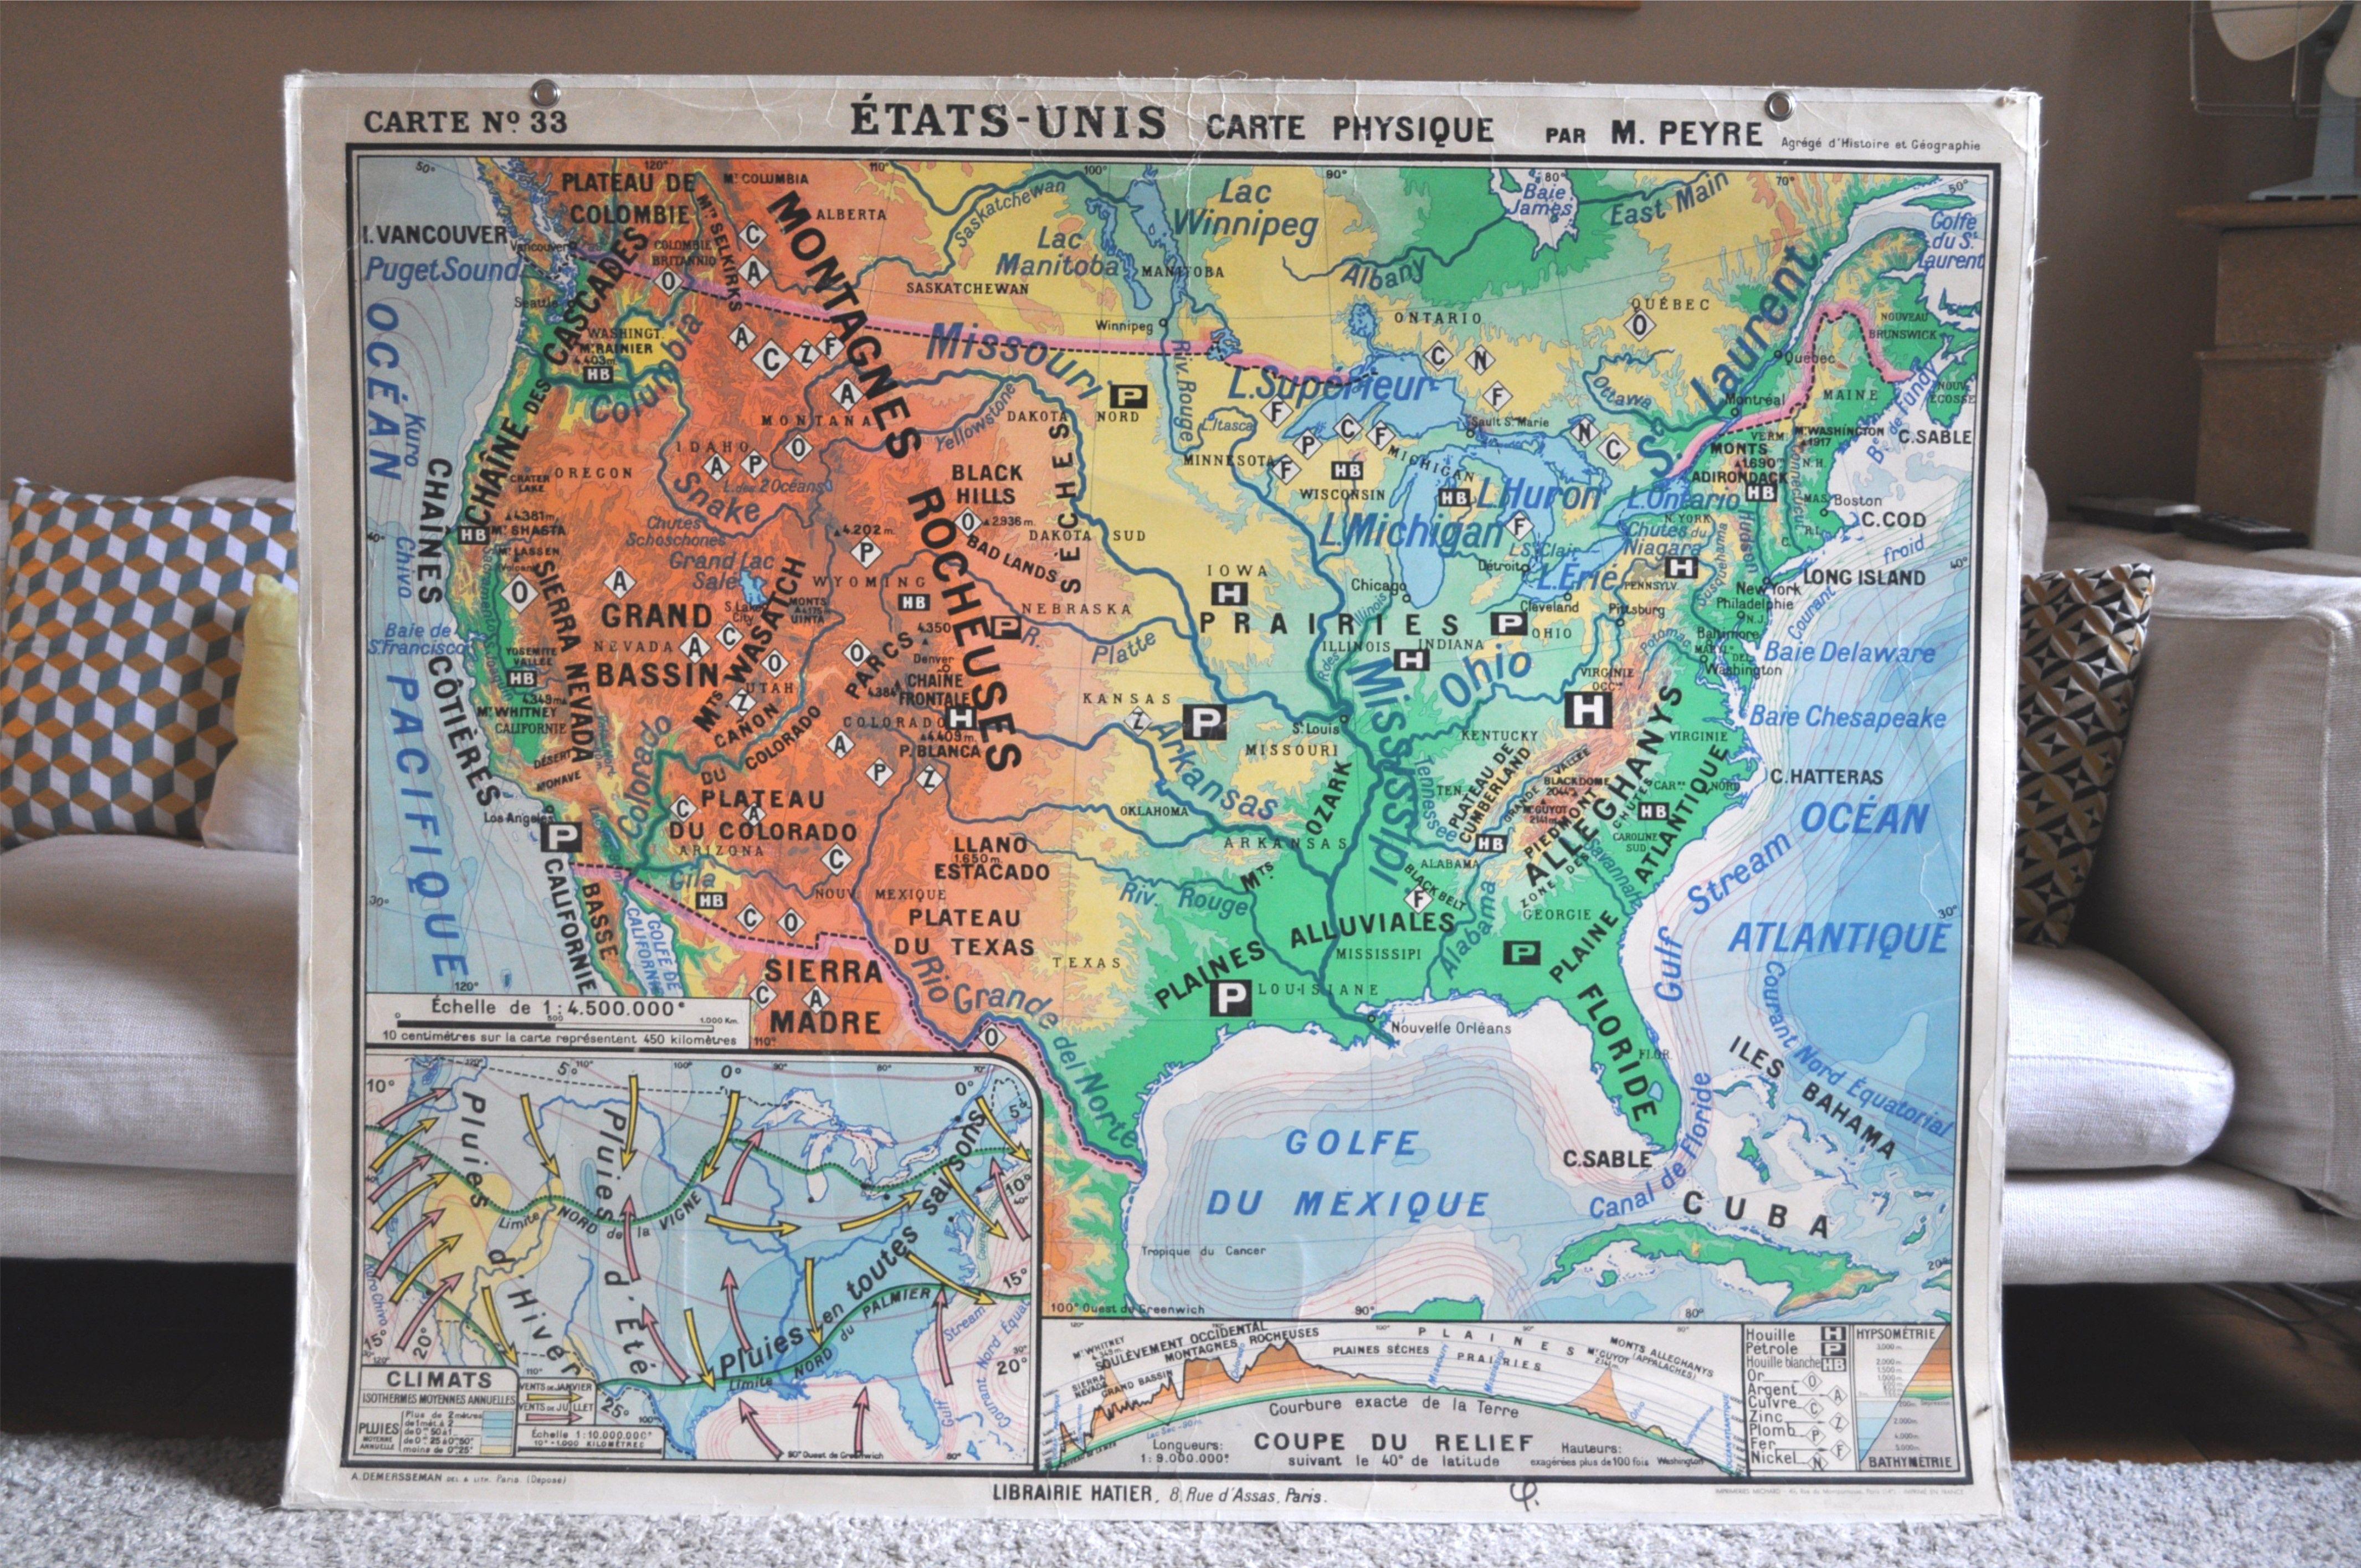 Carte Scolaire Etats Unis Par M Peyre Annees 60 Carte